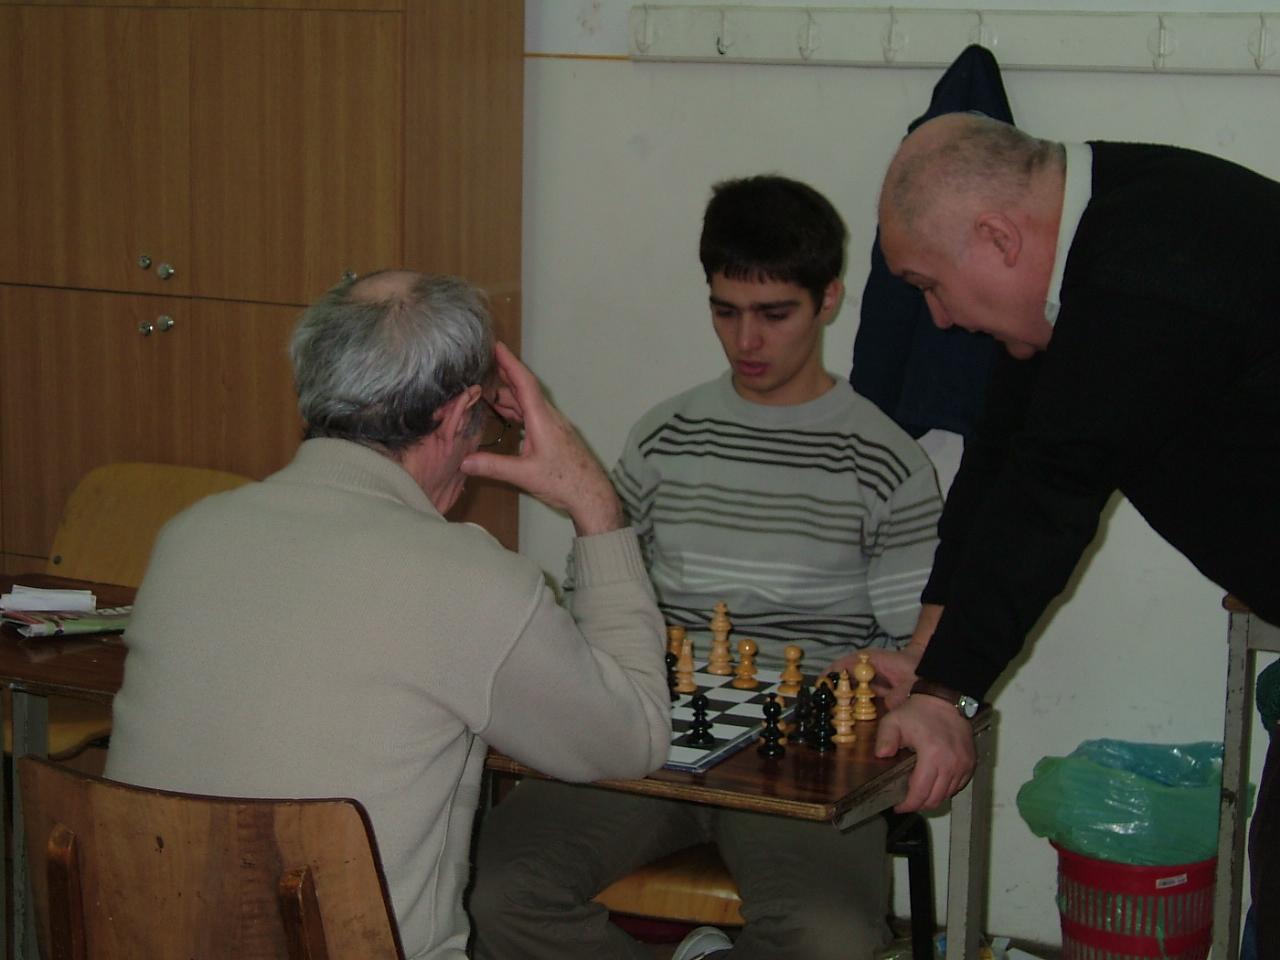 popescu-lucian-cojocneanu-radu-si-helmer-janos-analizand-o-pozitie-din-partida-helmer-horvat